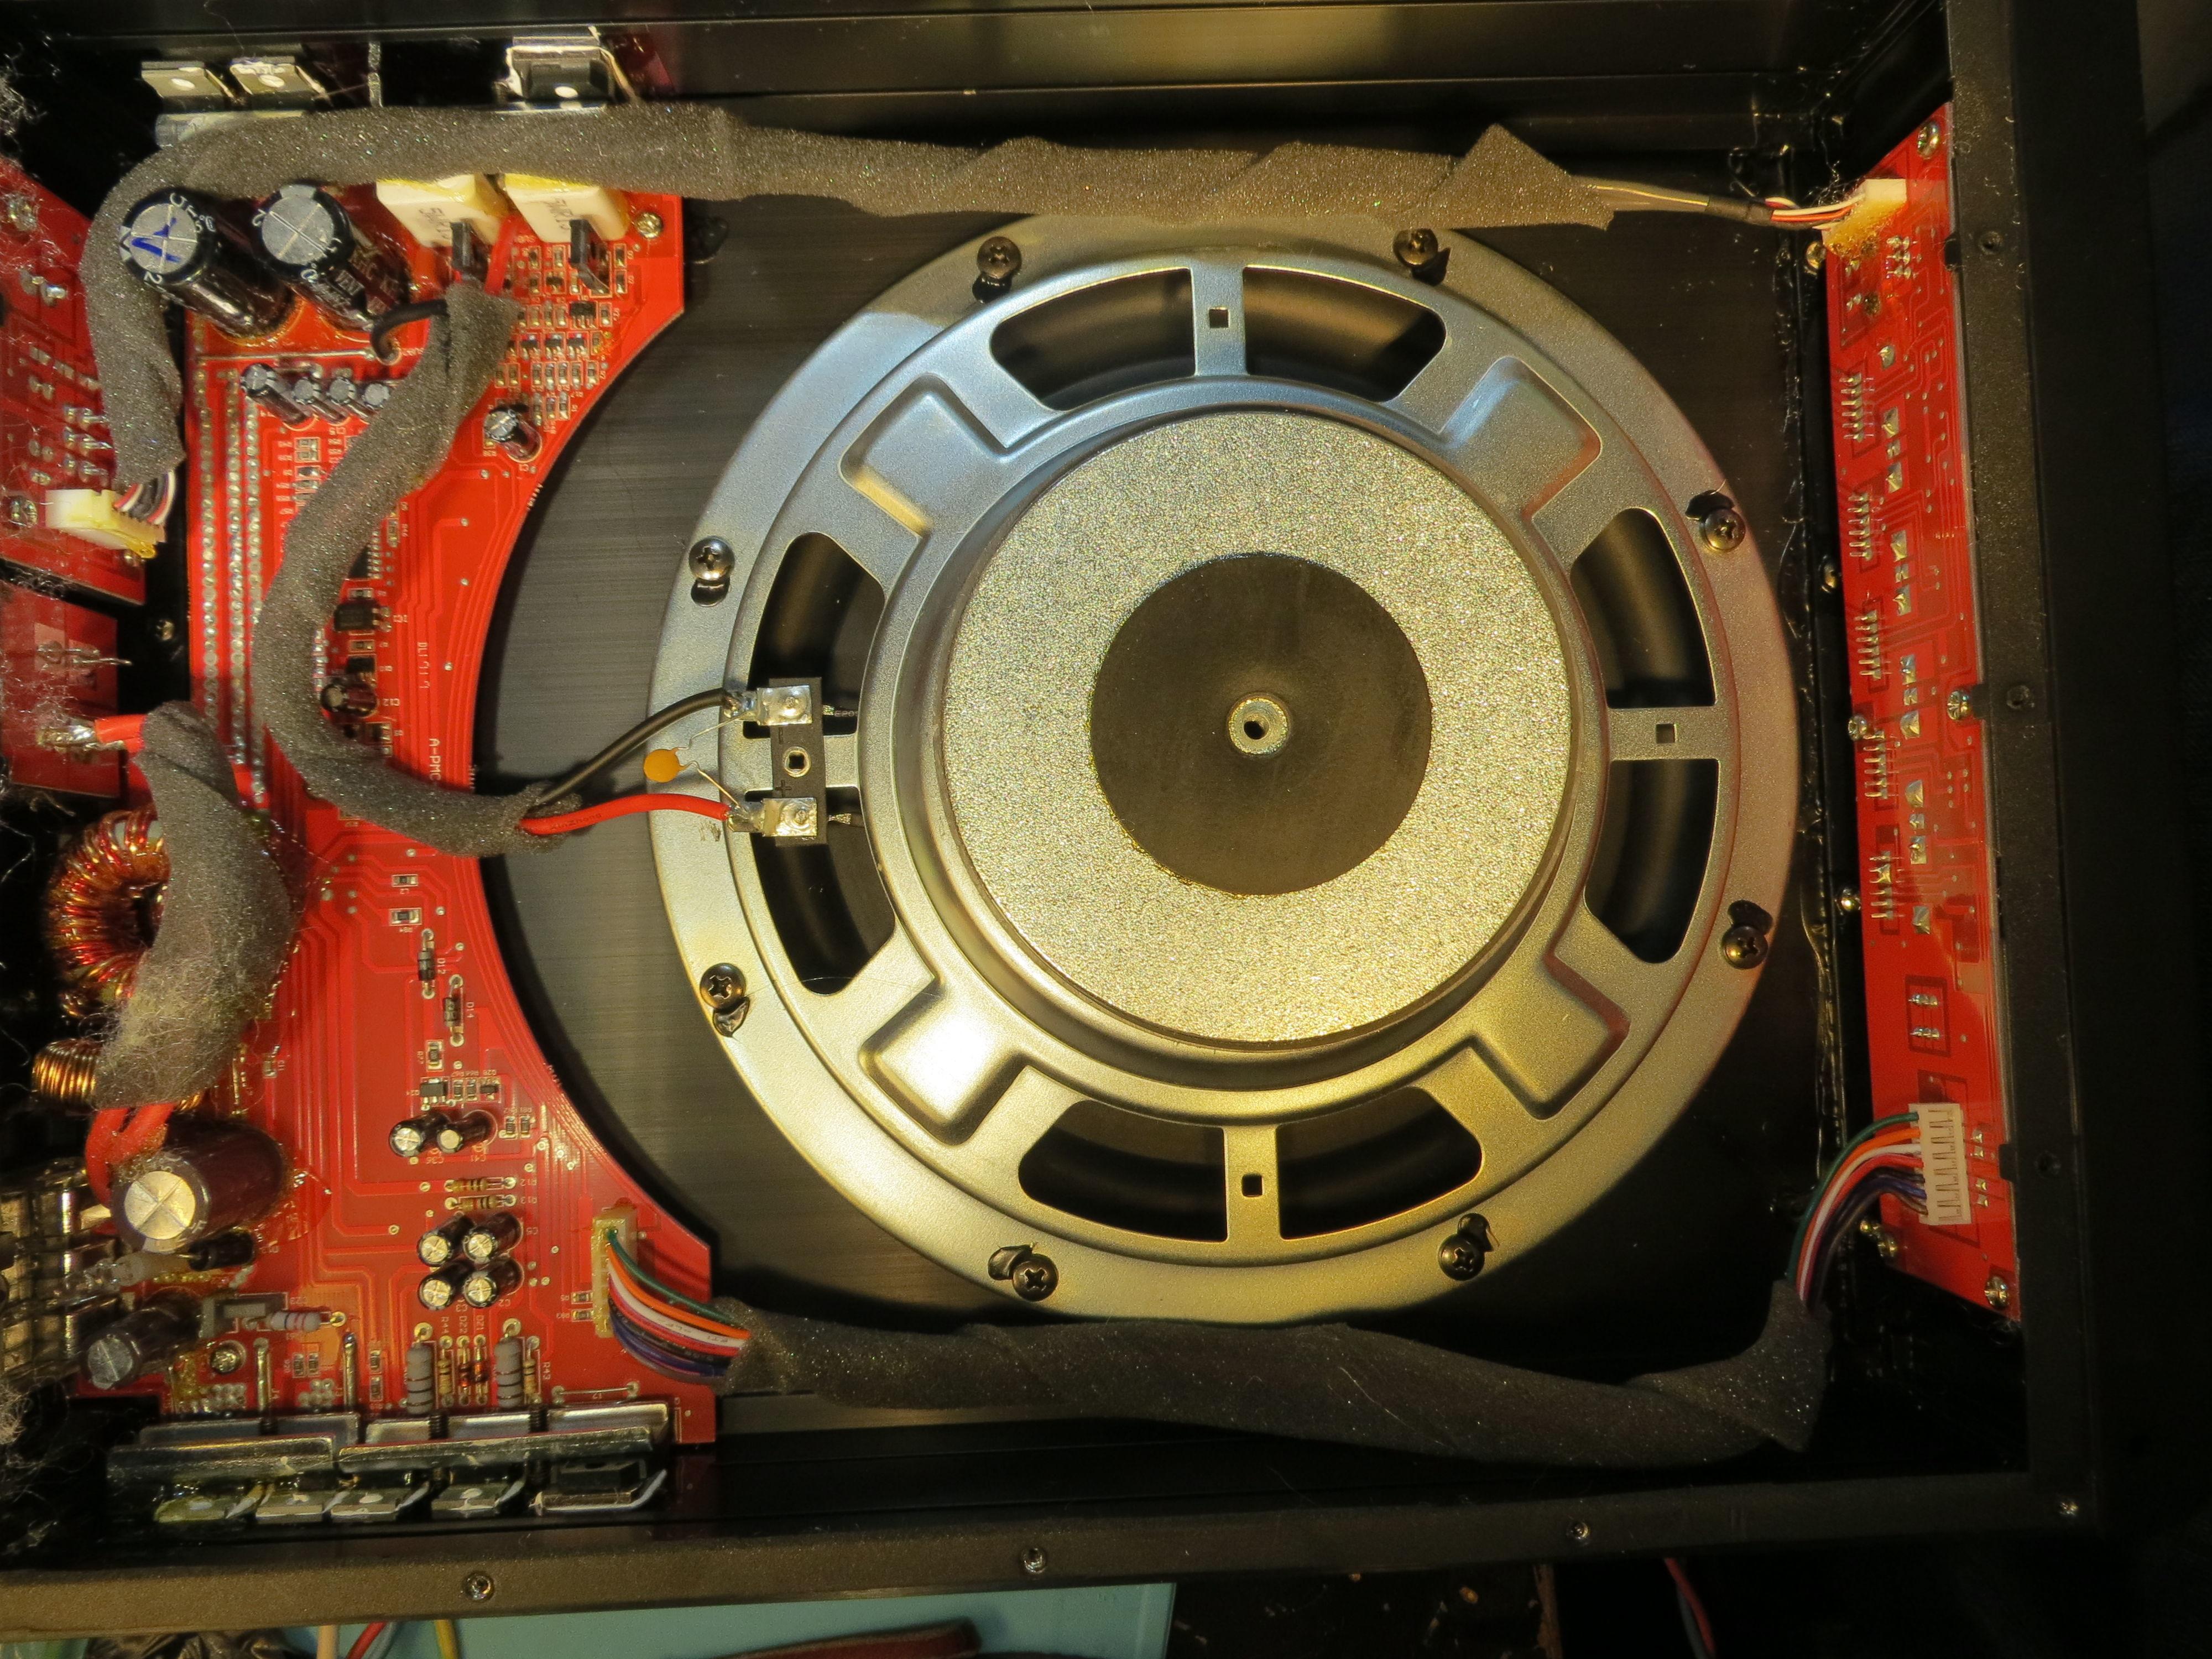 Alexander Ross Online Get Cheap Amp Wiring Kit Aliexpresscom Alibaba Group Abushcrafter